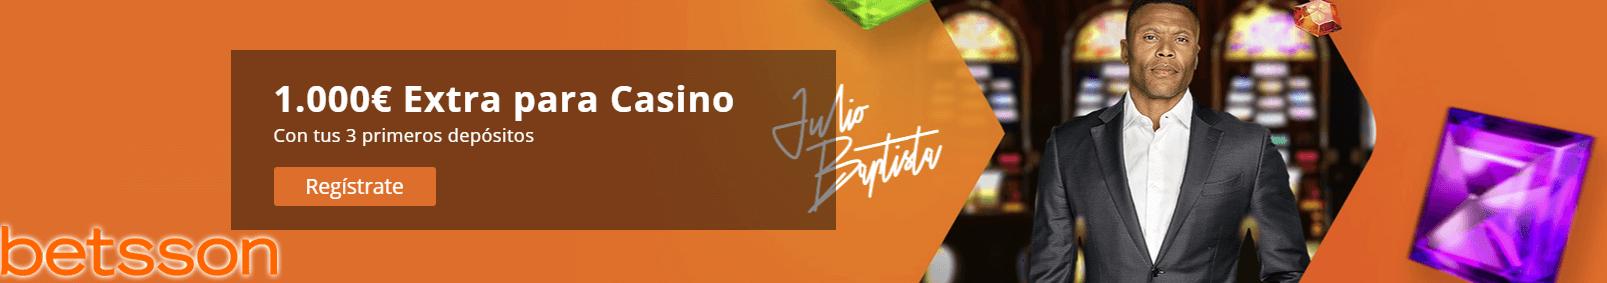 Lo mejor casino online espana es Betsson espana!